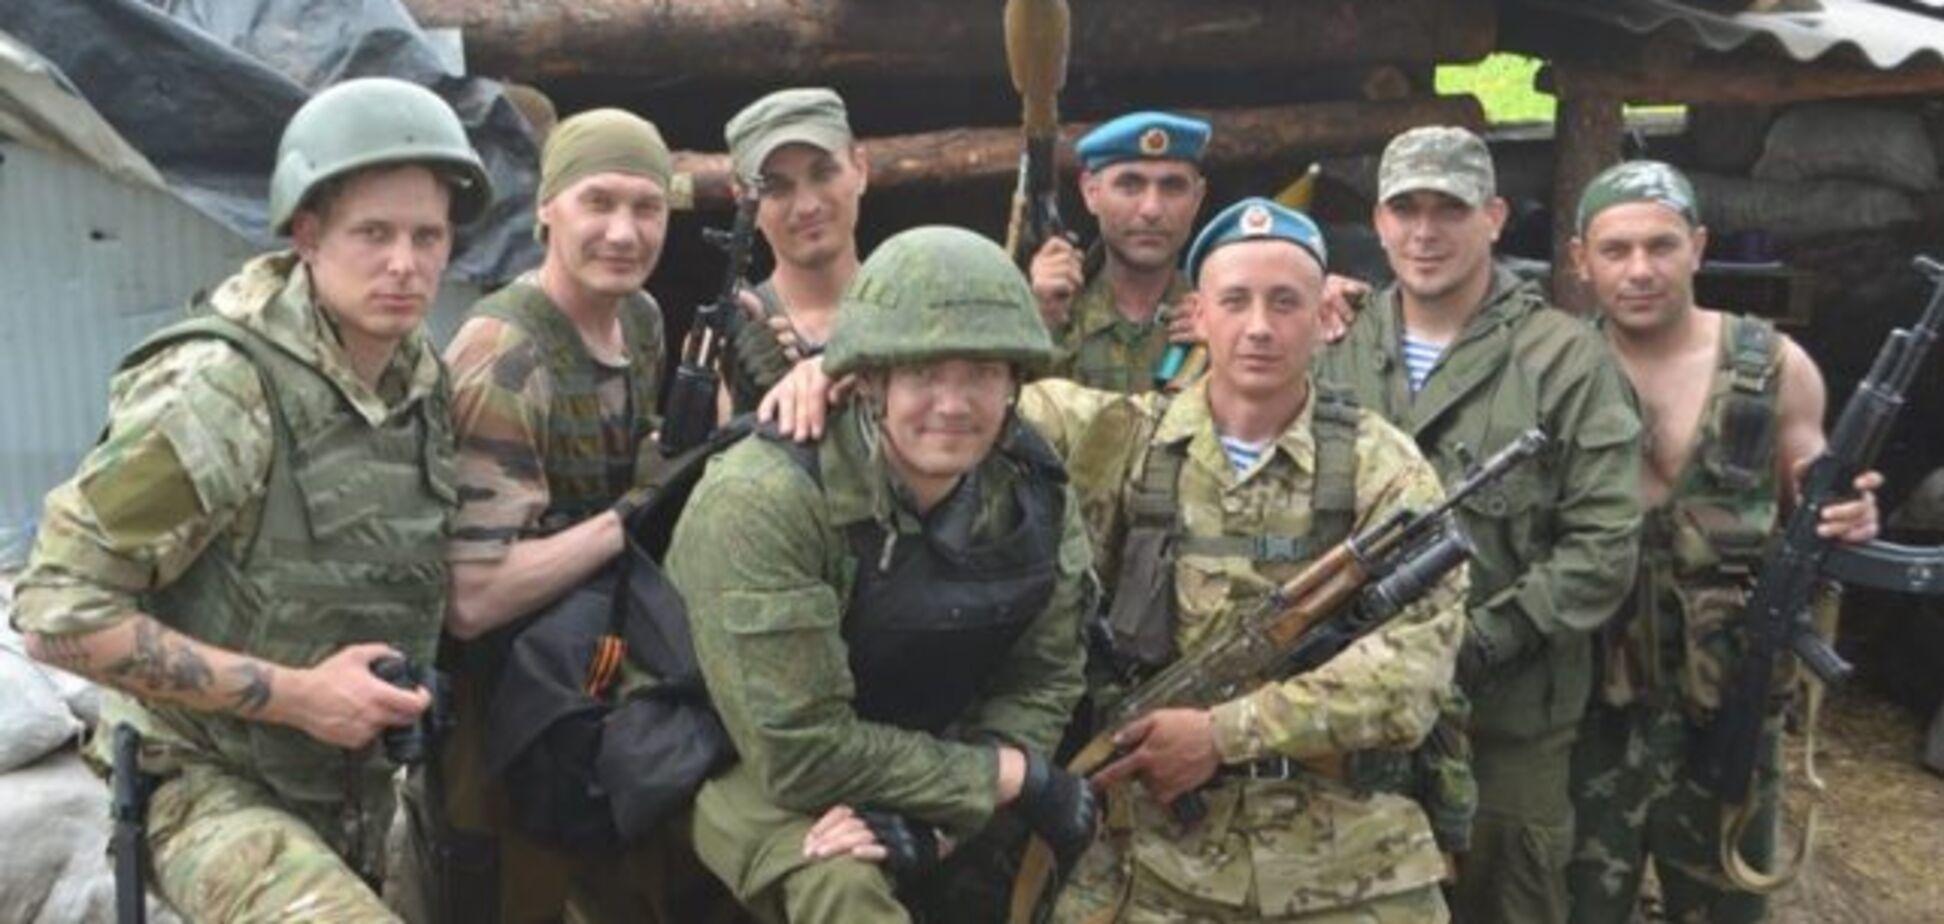 Розкрито вcіх італійців, які воюють за 'Л/ДНР' на Донбасі